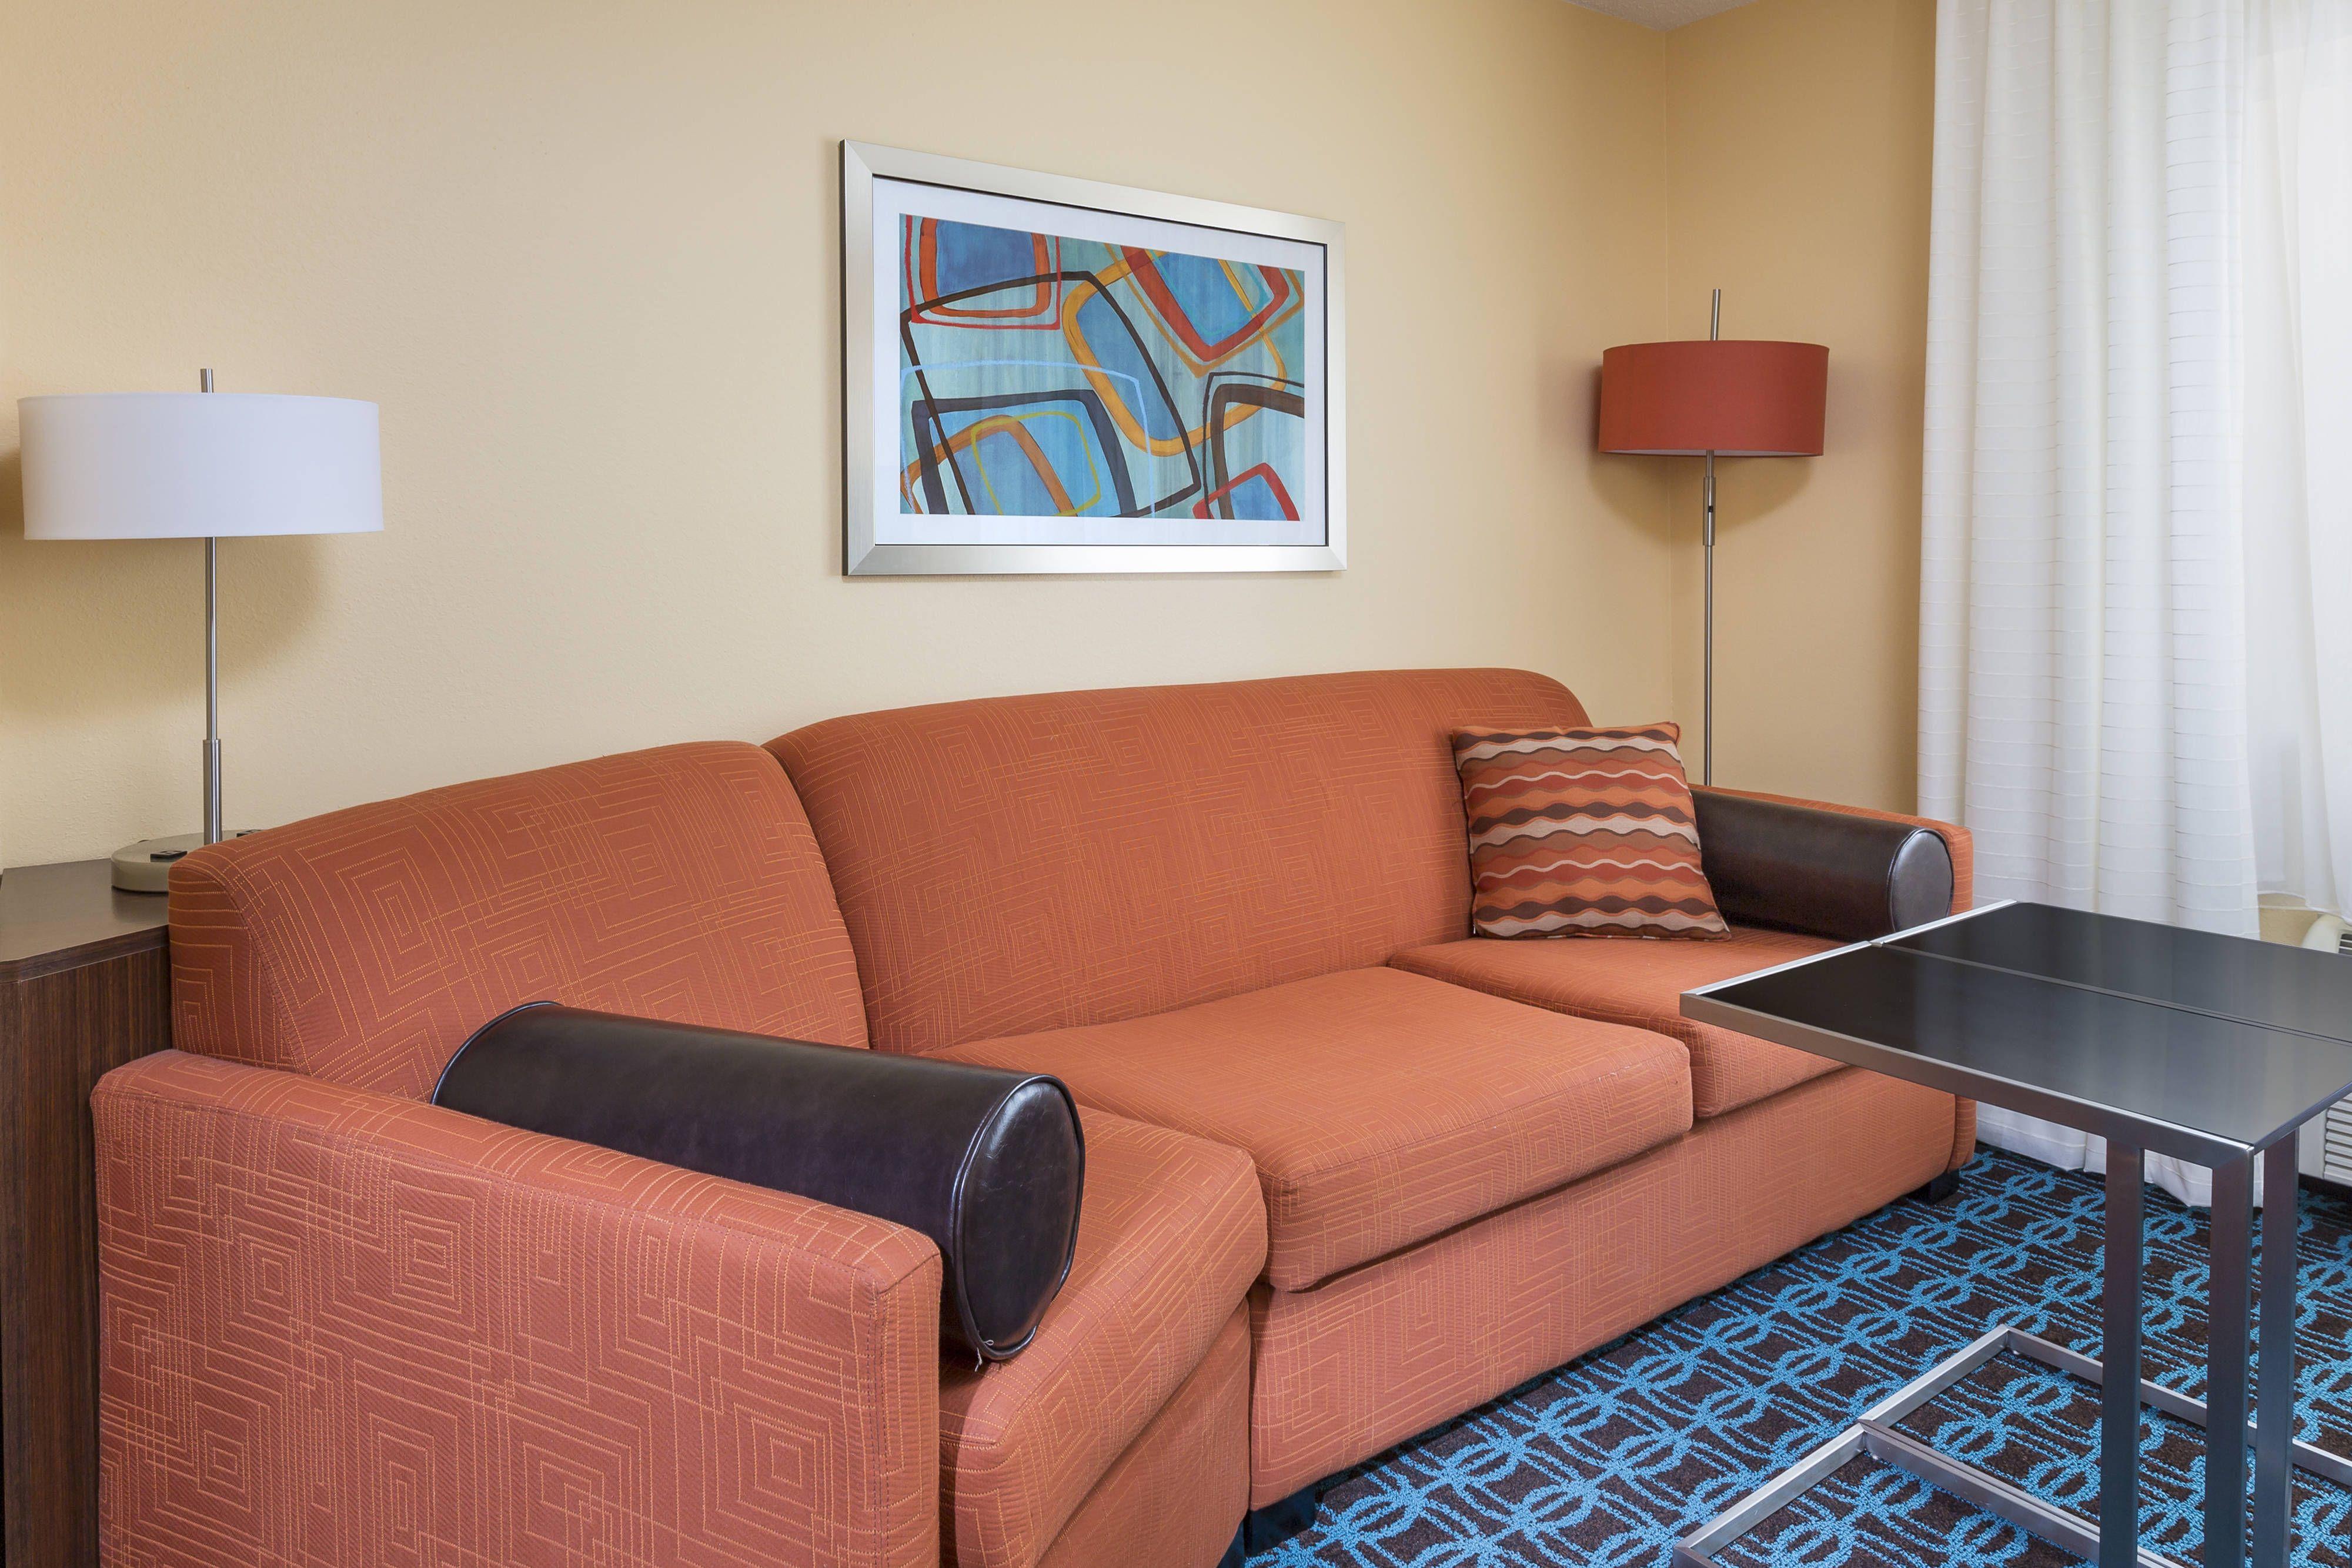 Fairfield inn fairfield inn suites home decor